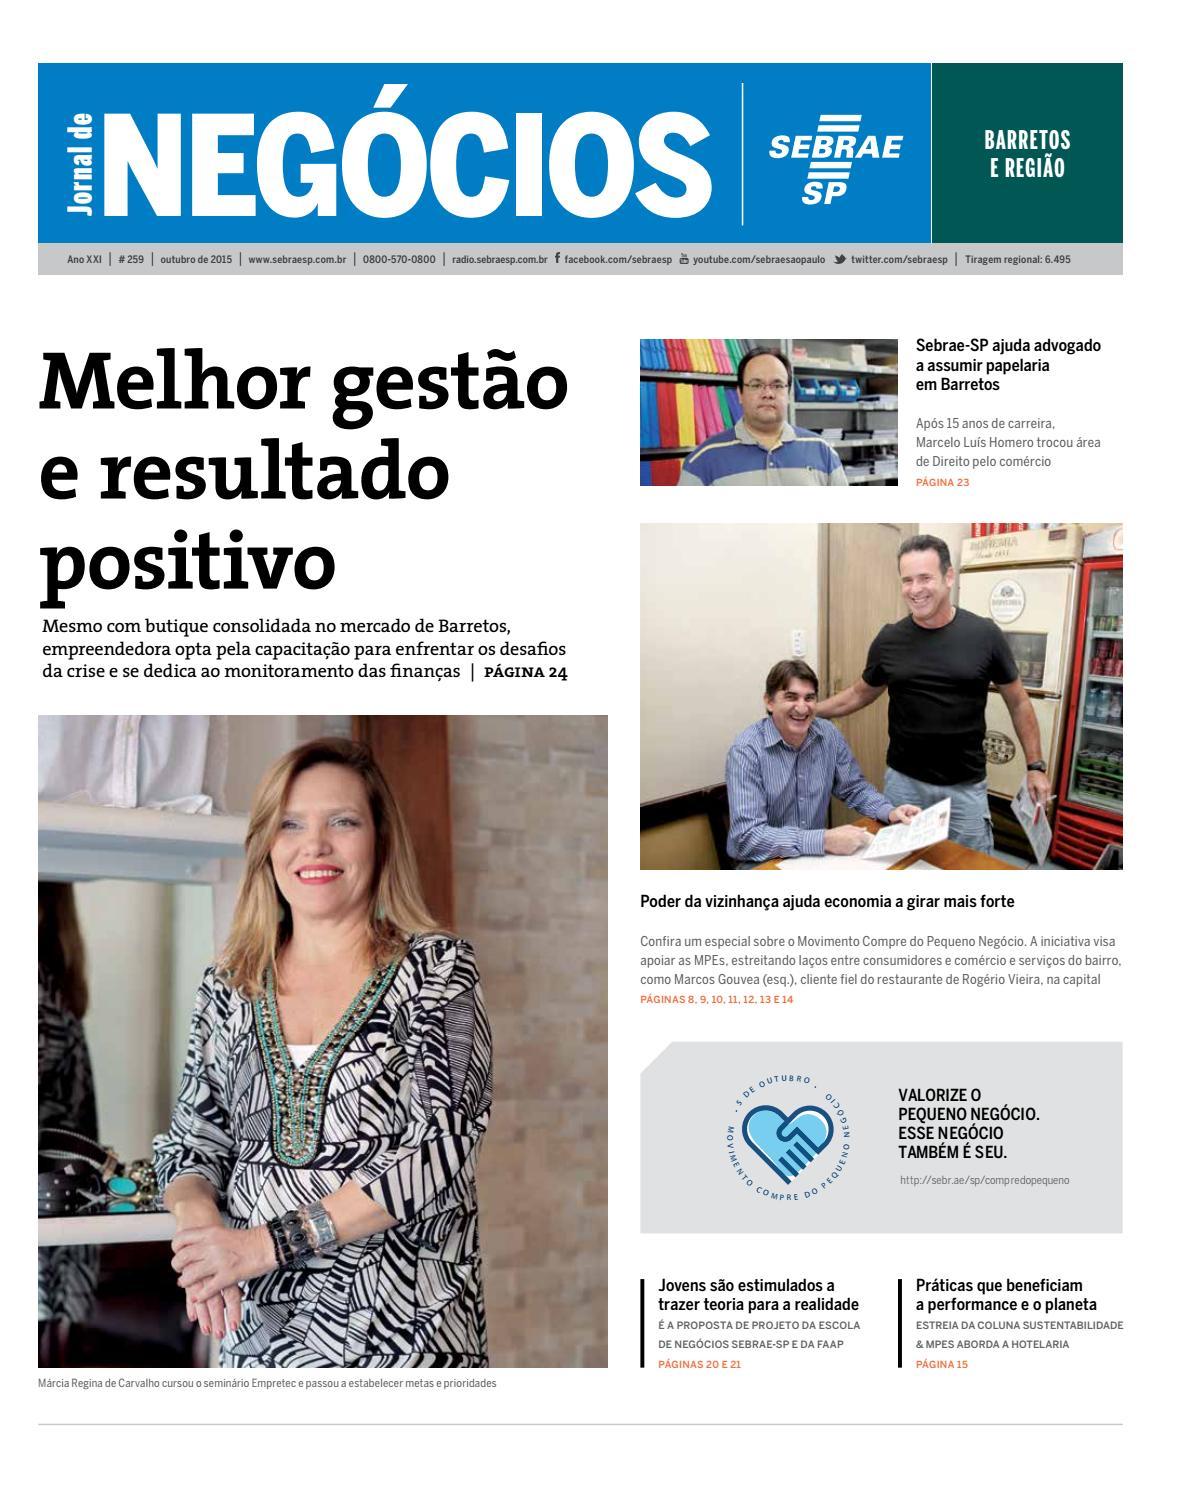 Jornal de Negócios Sebrae-SP - 01 de outubro de 2015 - Barretos by  Sebrae-SP - issuu b50f75b9381b